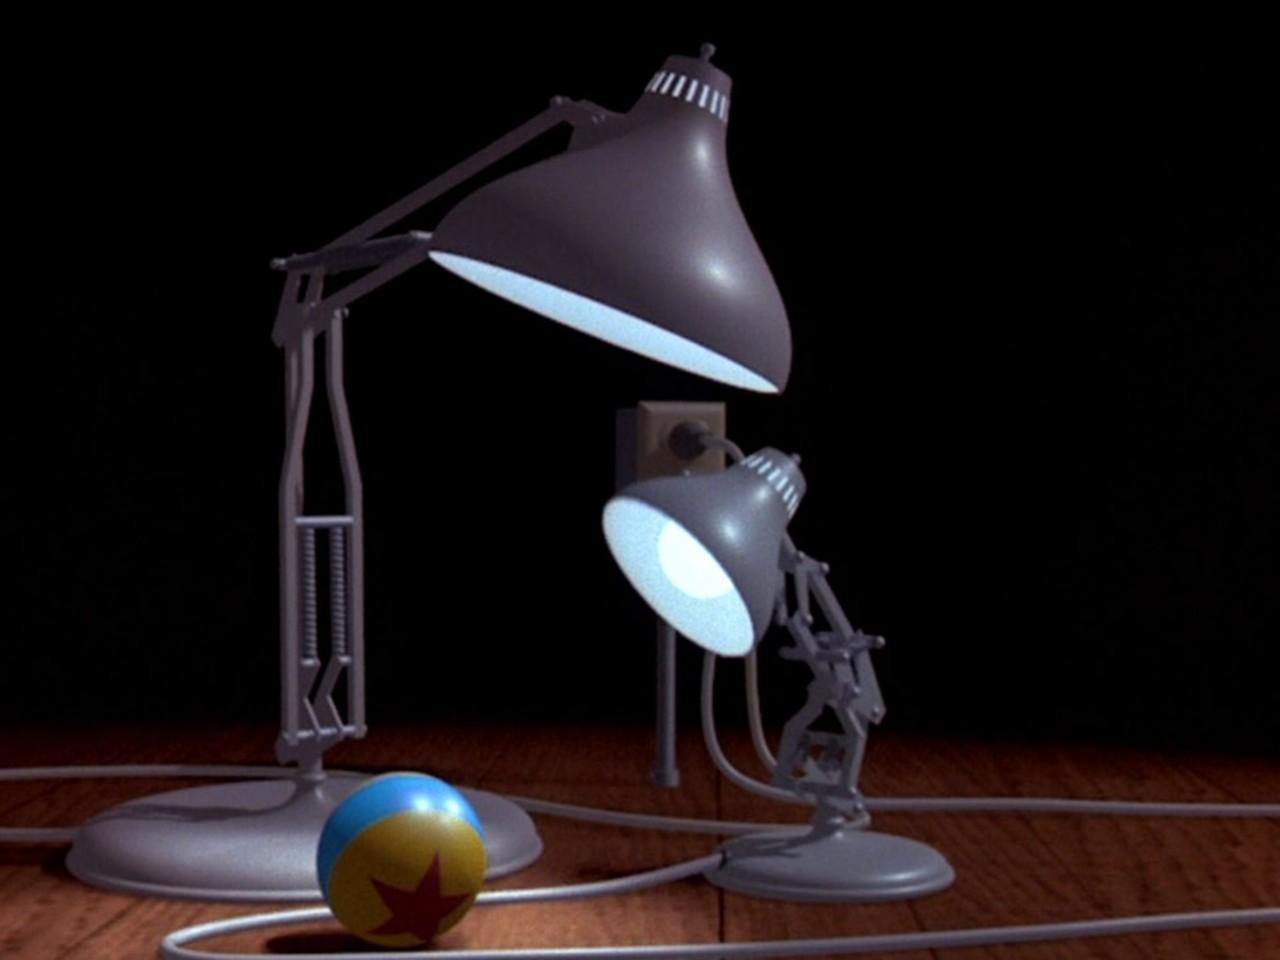 chiếc đèn bàn lớn tên là Luxo, quả bóng vàng và một chiếc đèn bàn nhỏ